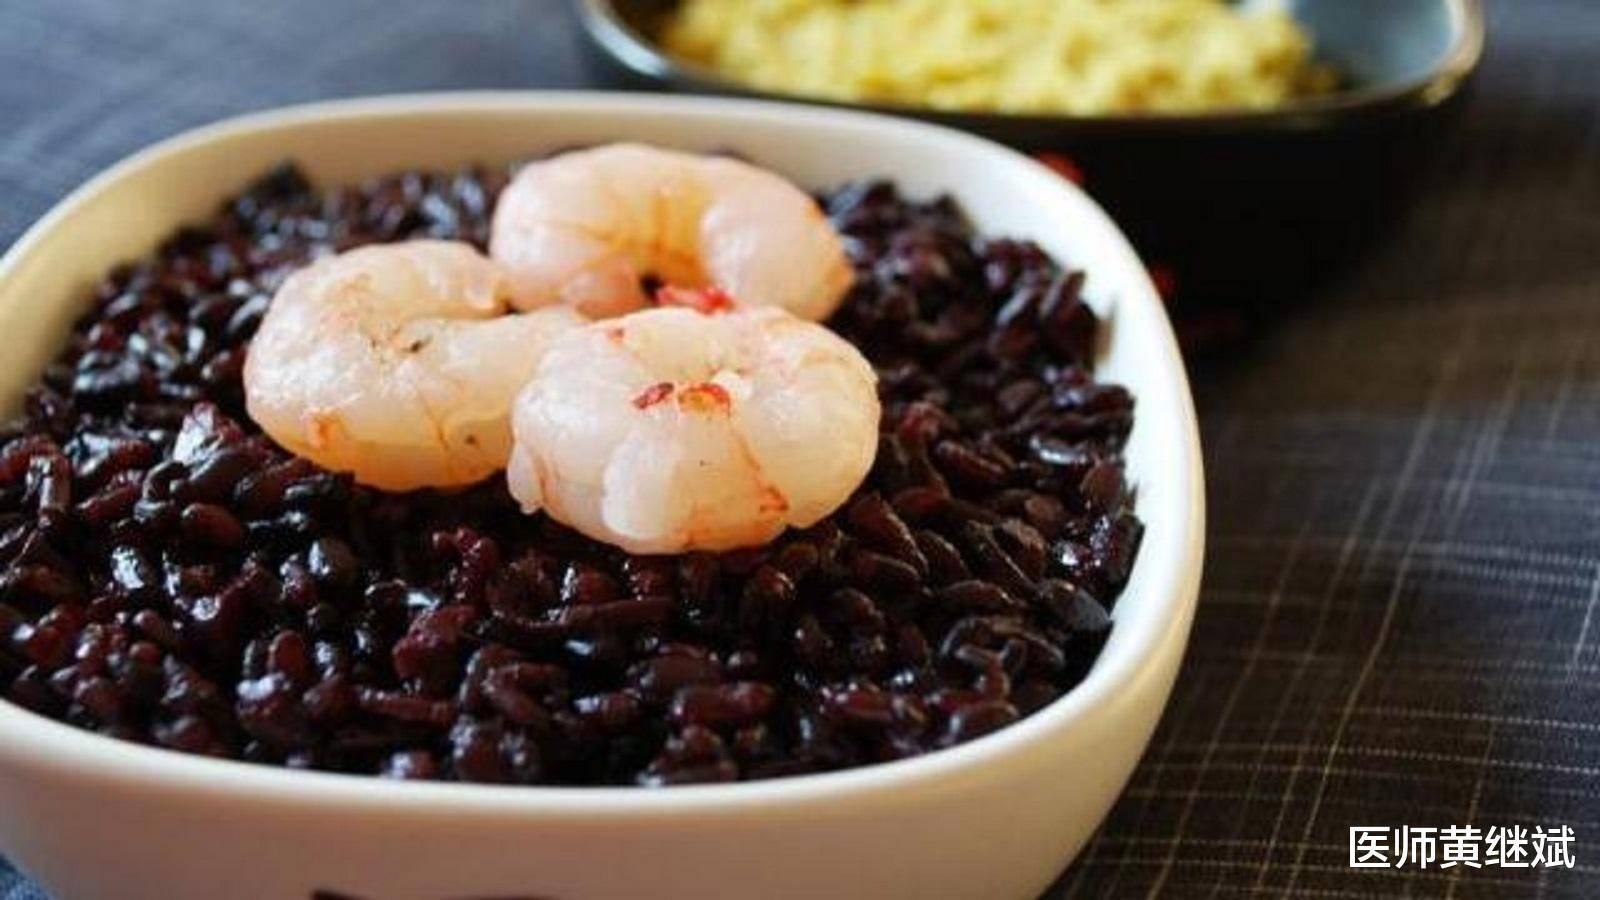 同为米中极品,有补气益血之效,黑米和紫米的区别在哪?